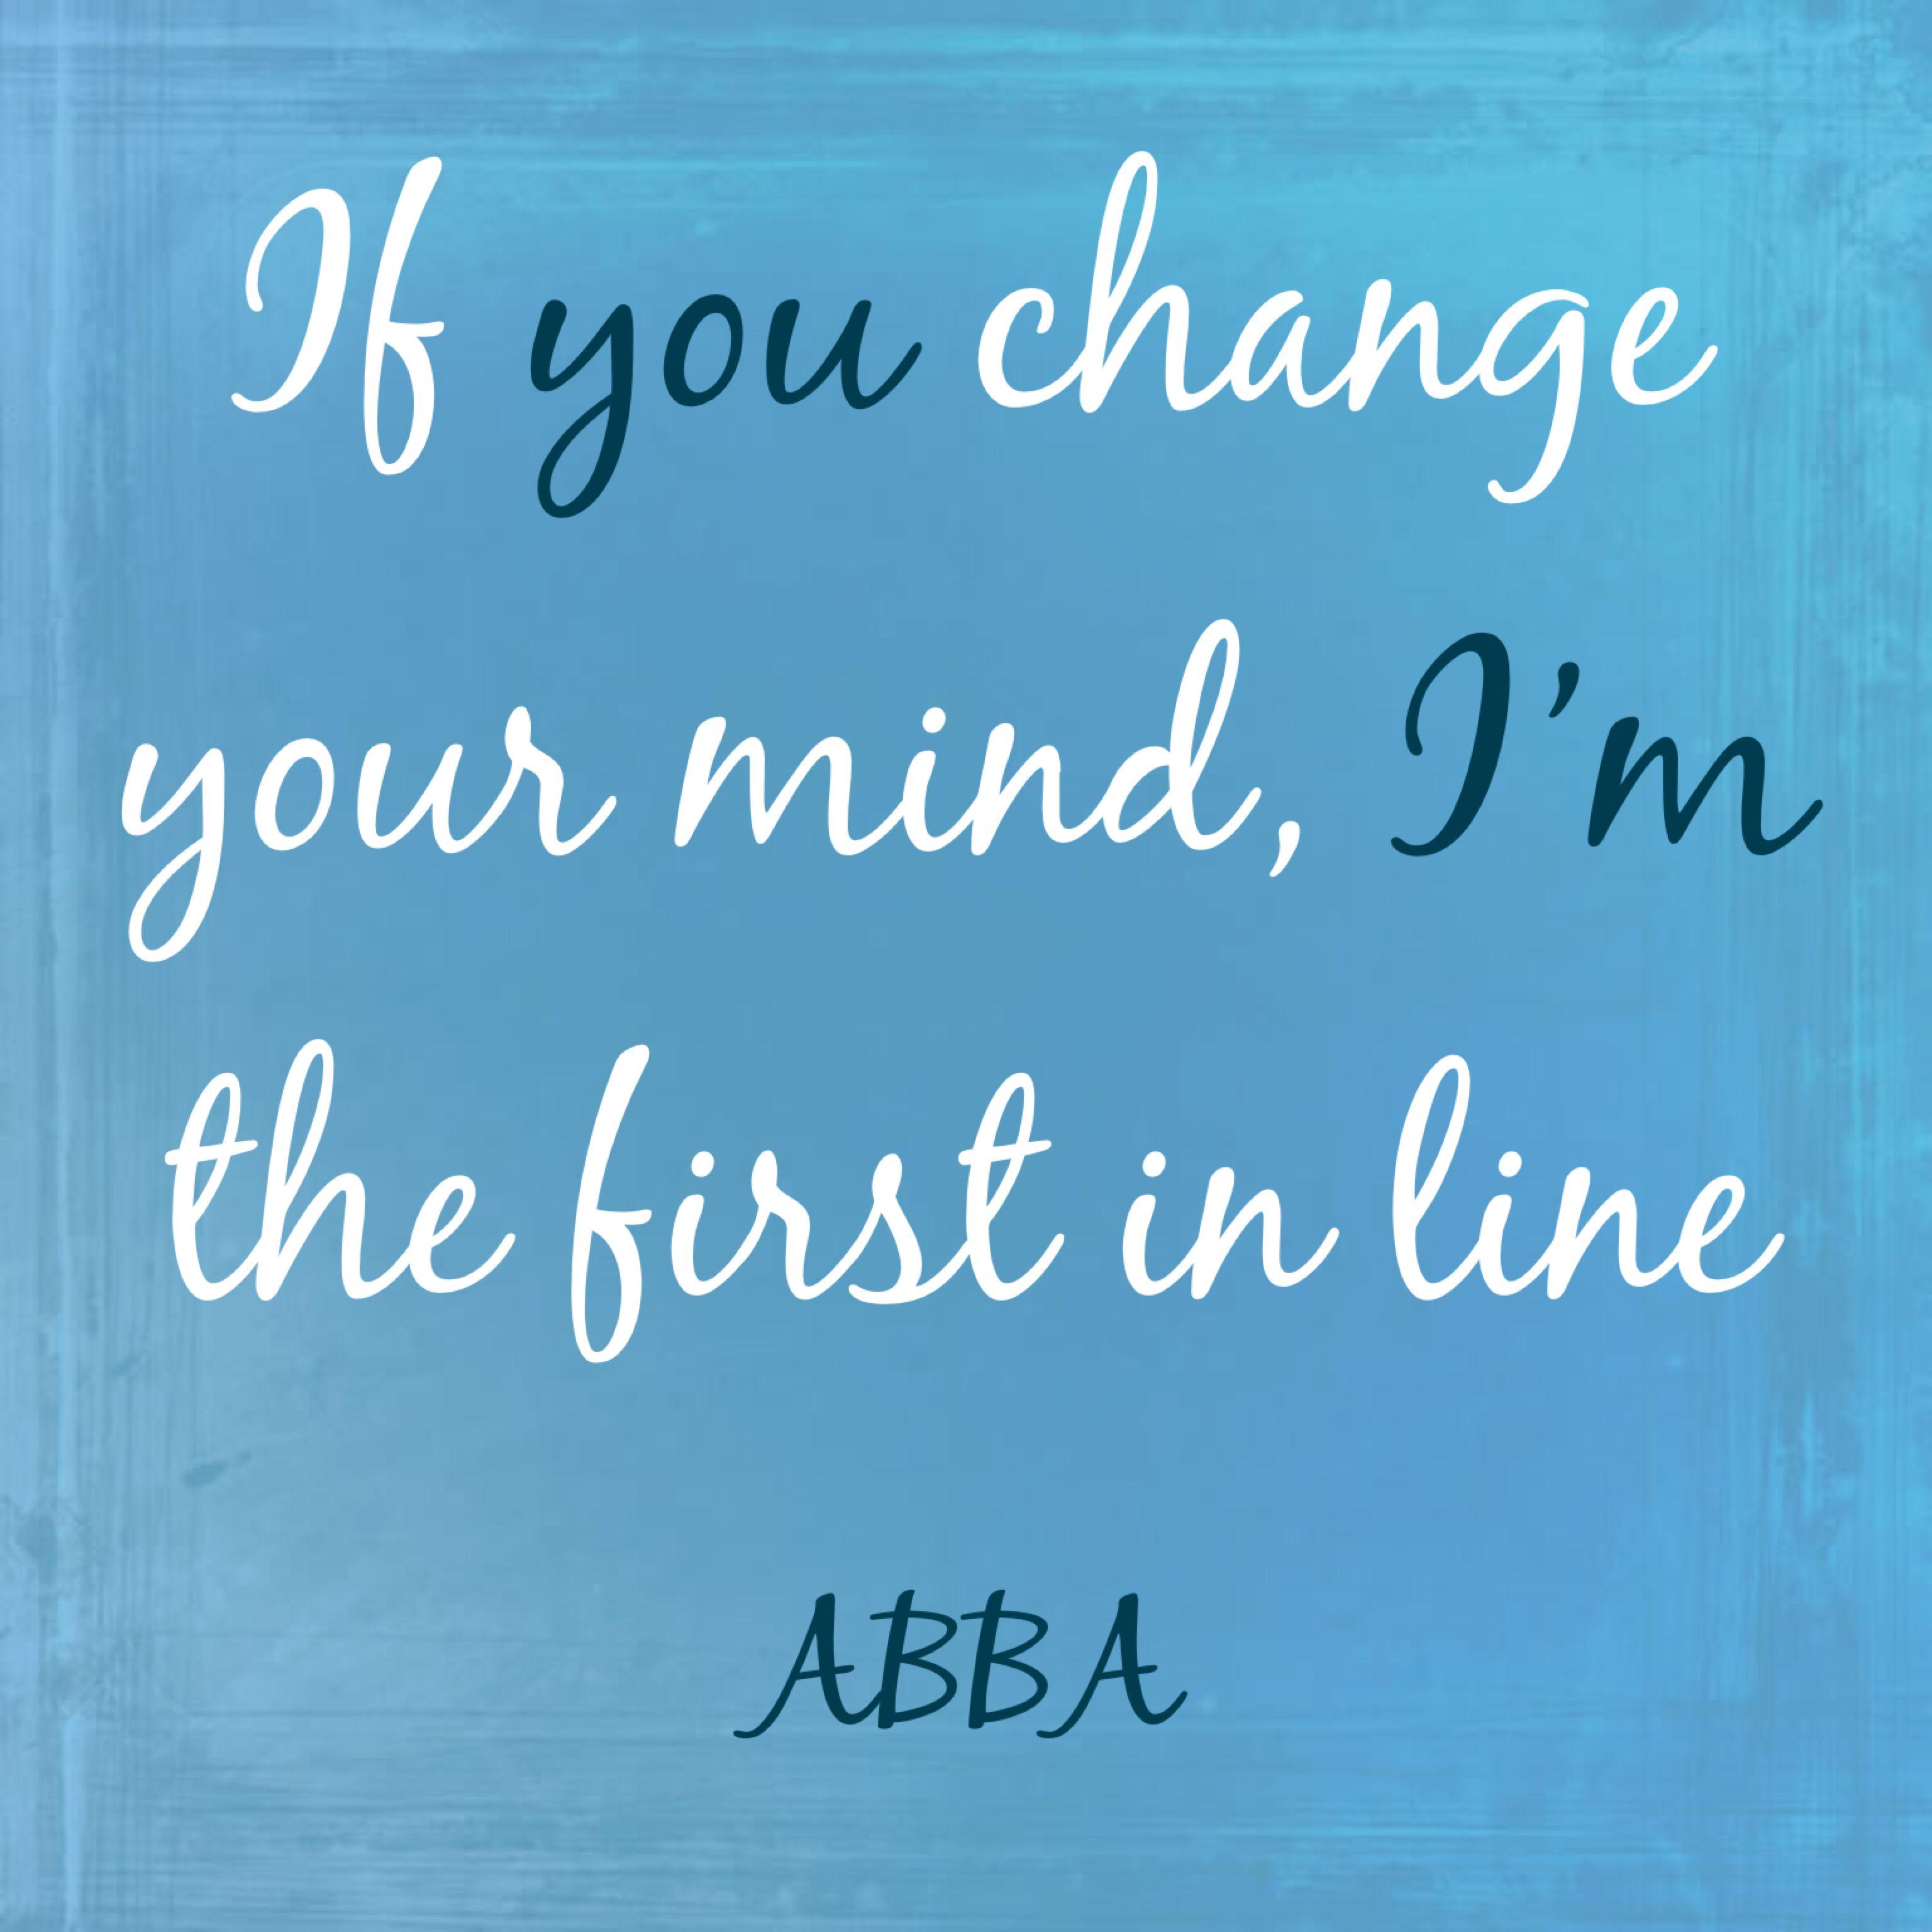 Take A Chance On Me Abba Lyrics Abba Lyrics Song Lyrics Wallpaper Abba Songs Lyrics